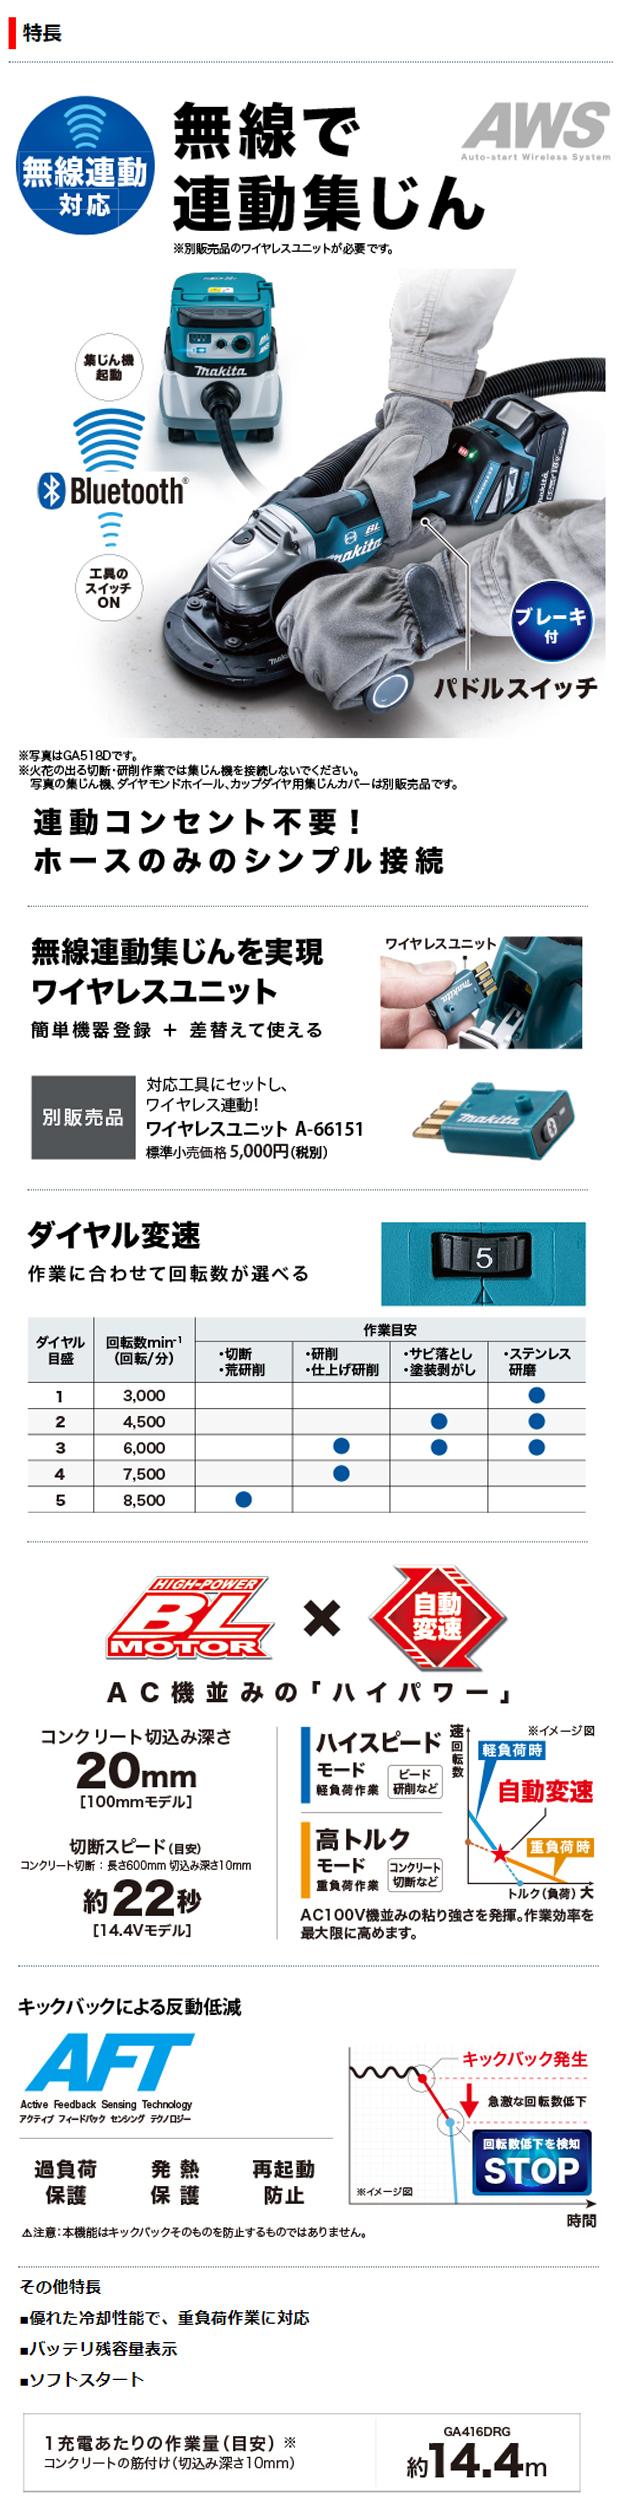 マキタ 14.4V充電式ディスクグラインダGA416D